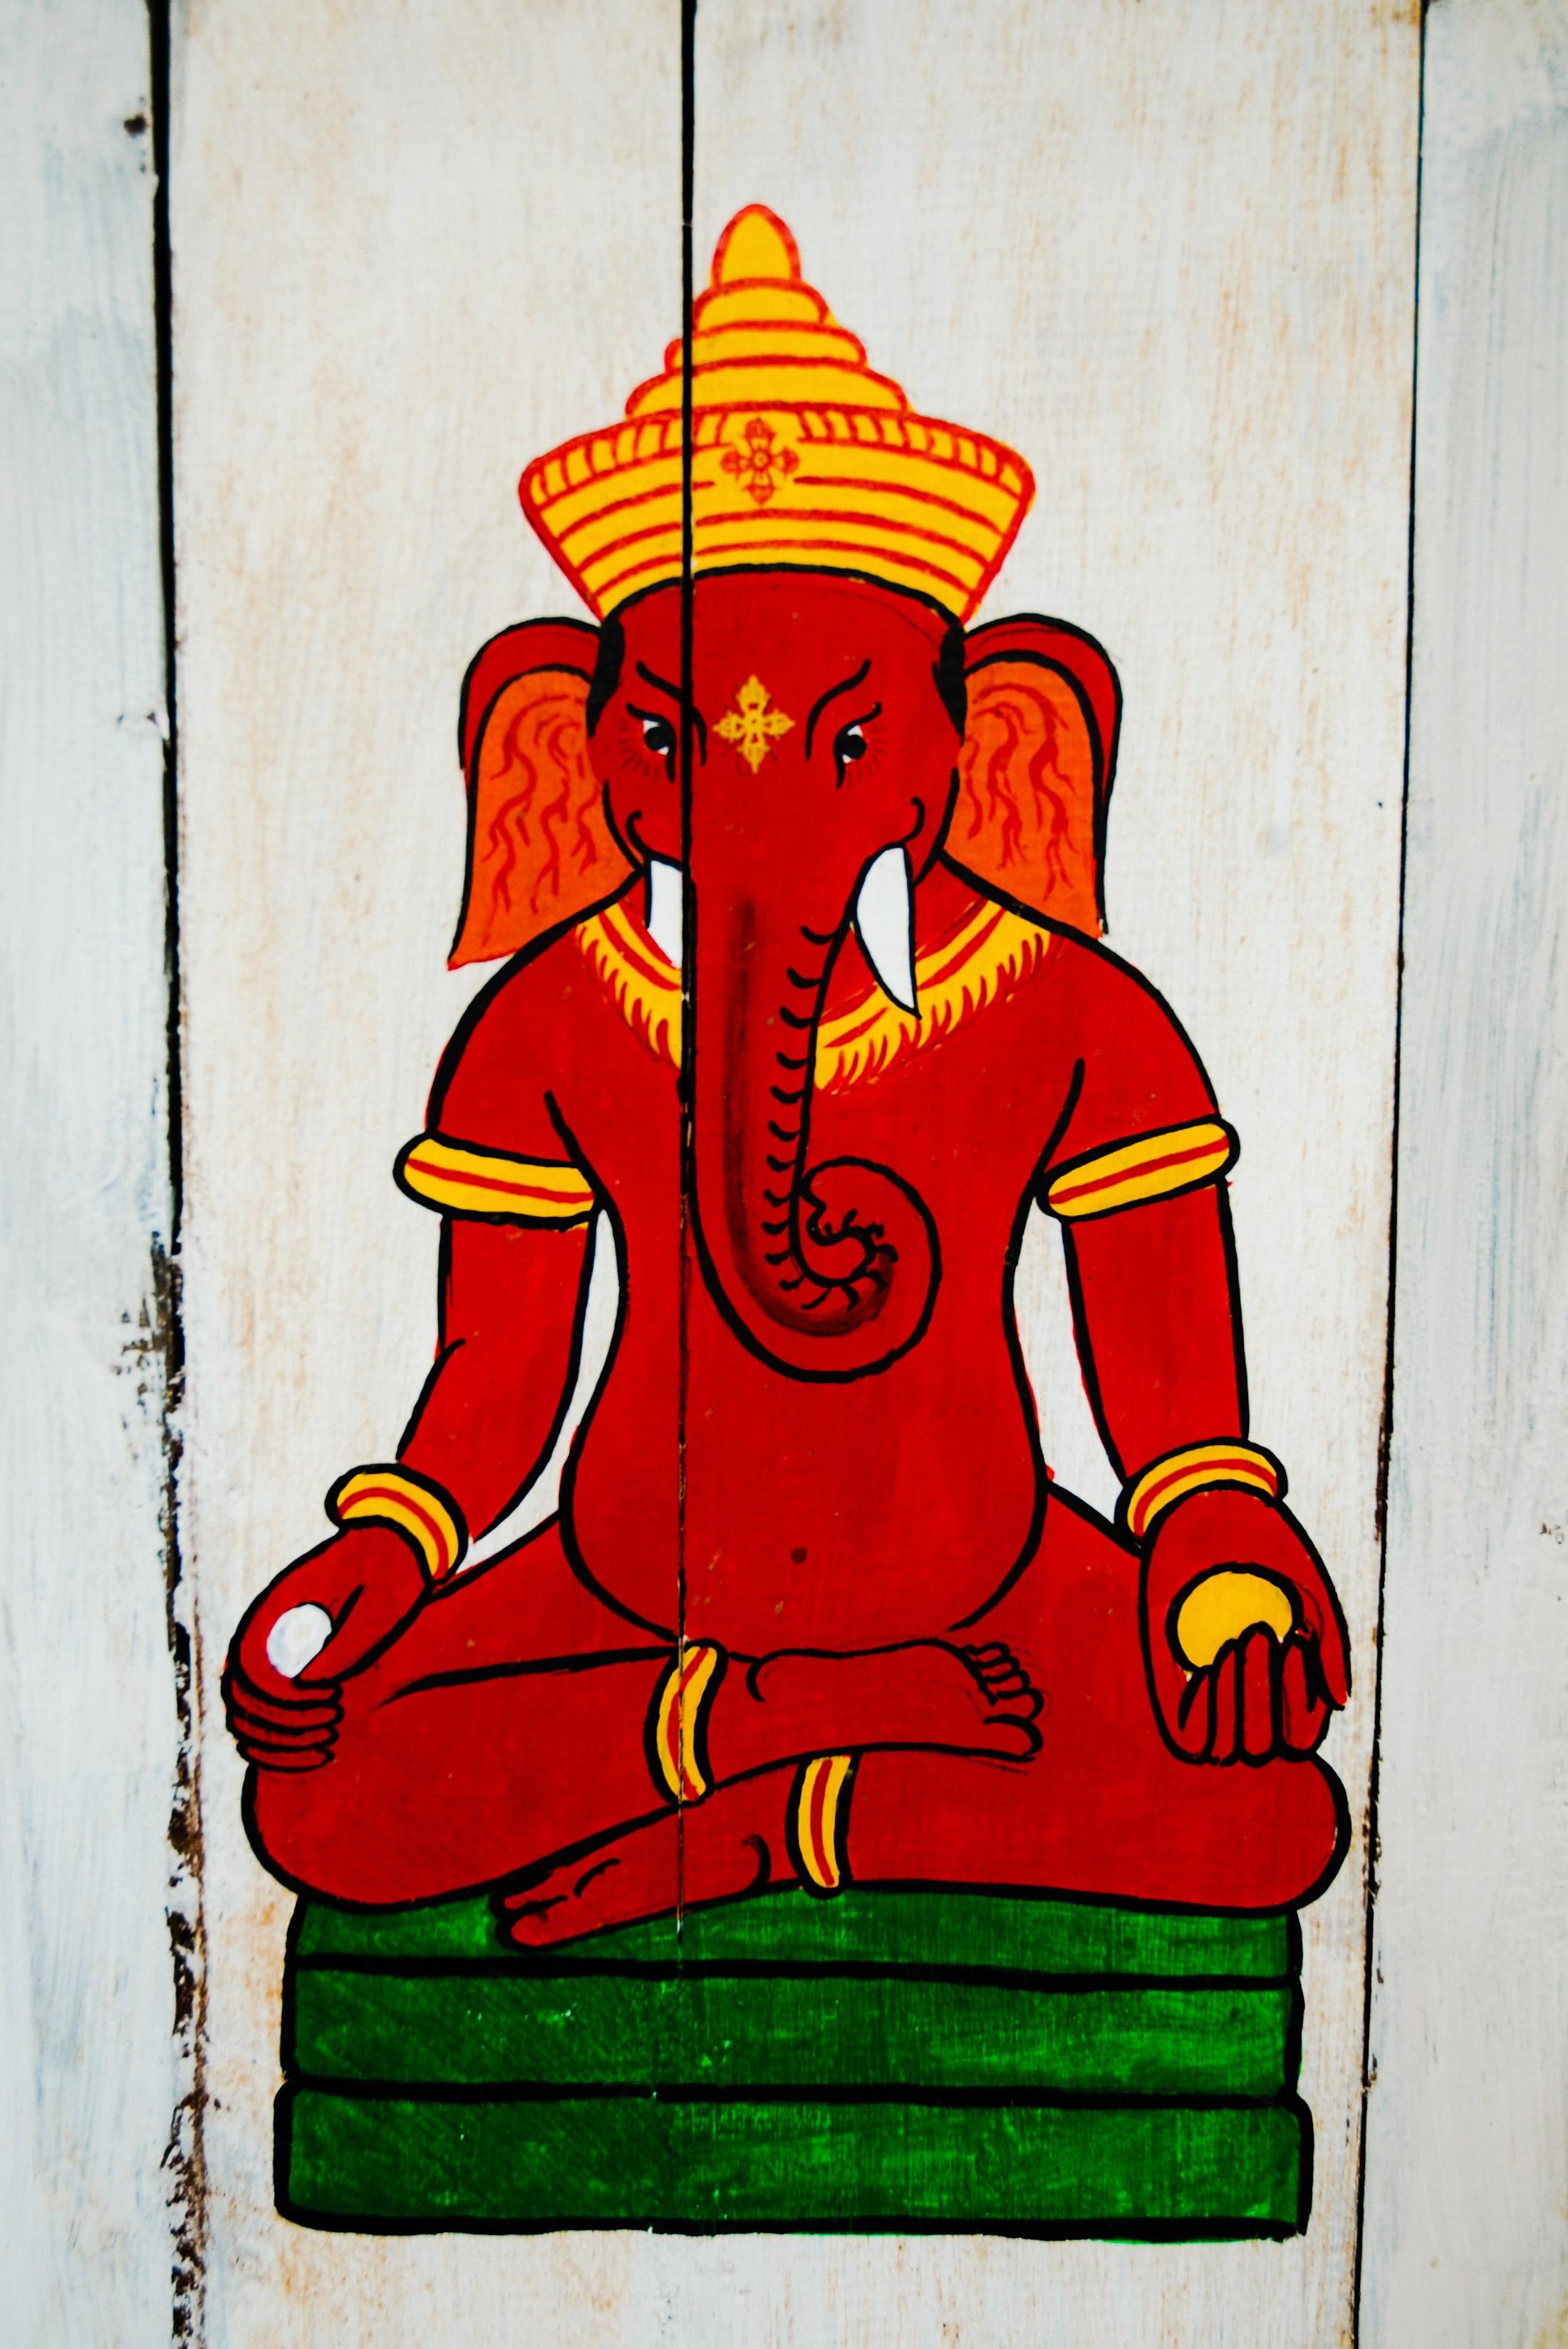 Gambar Jendela Kaca Merah Nepal Ilustrasi Seni Modern